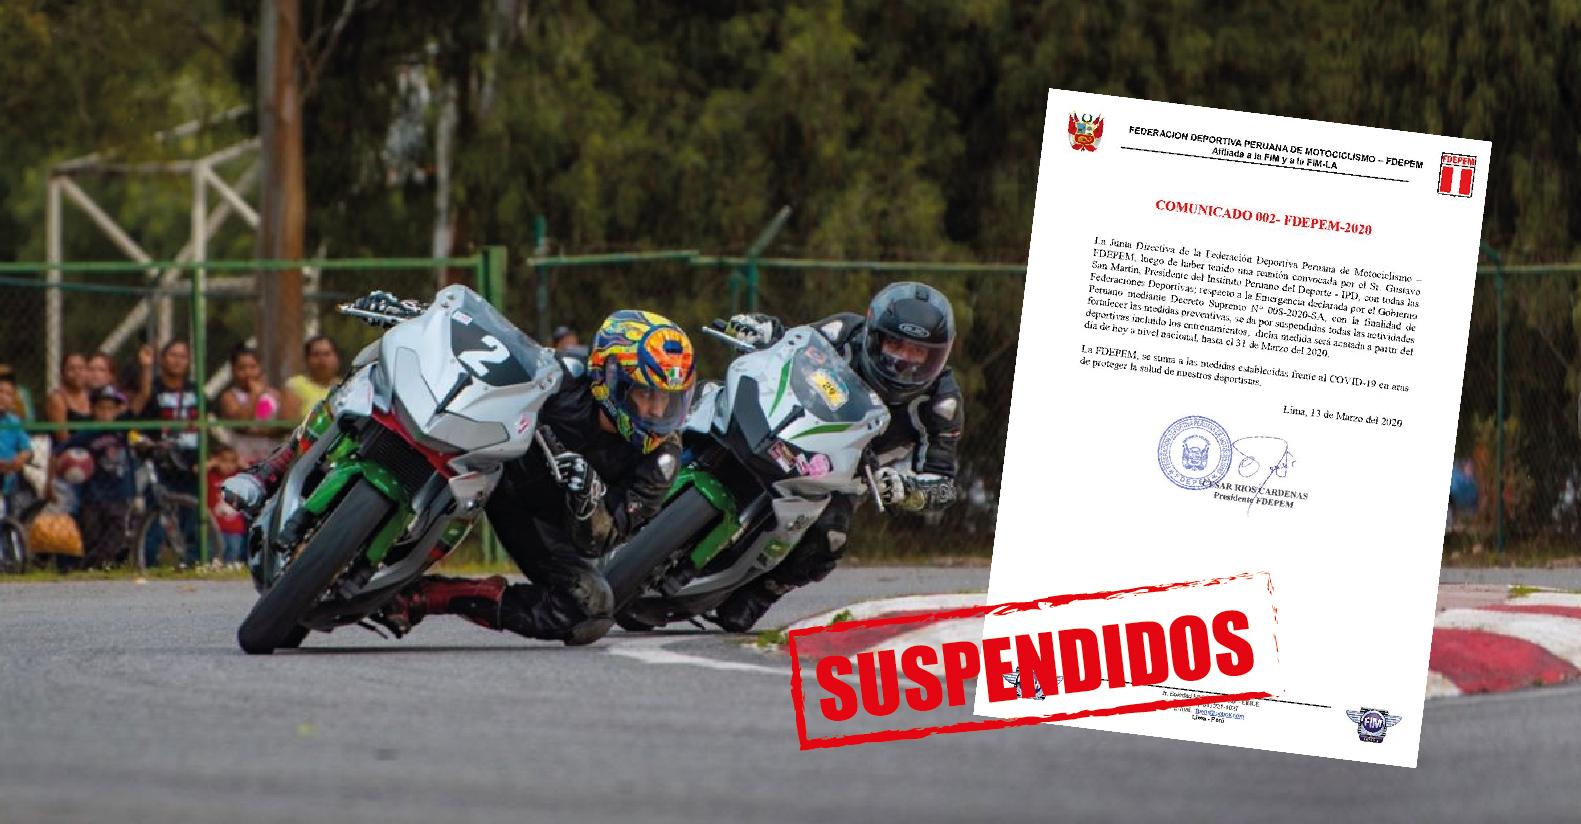 suspendidos-16